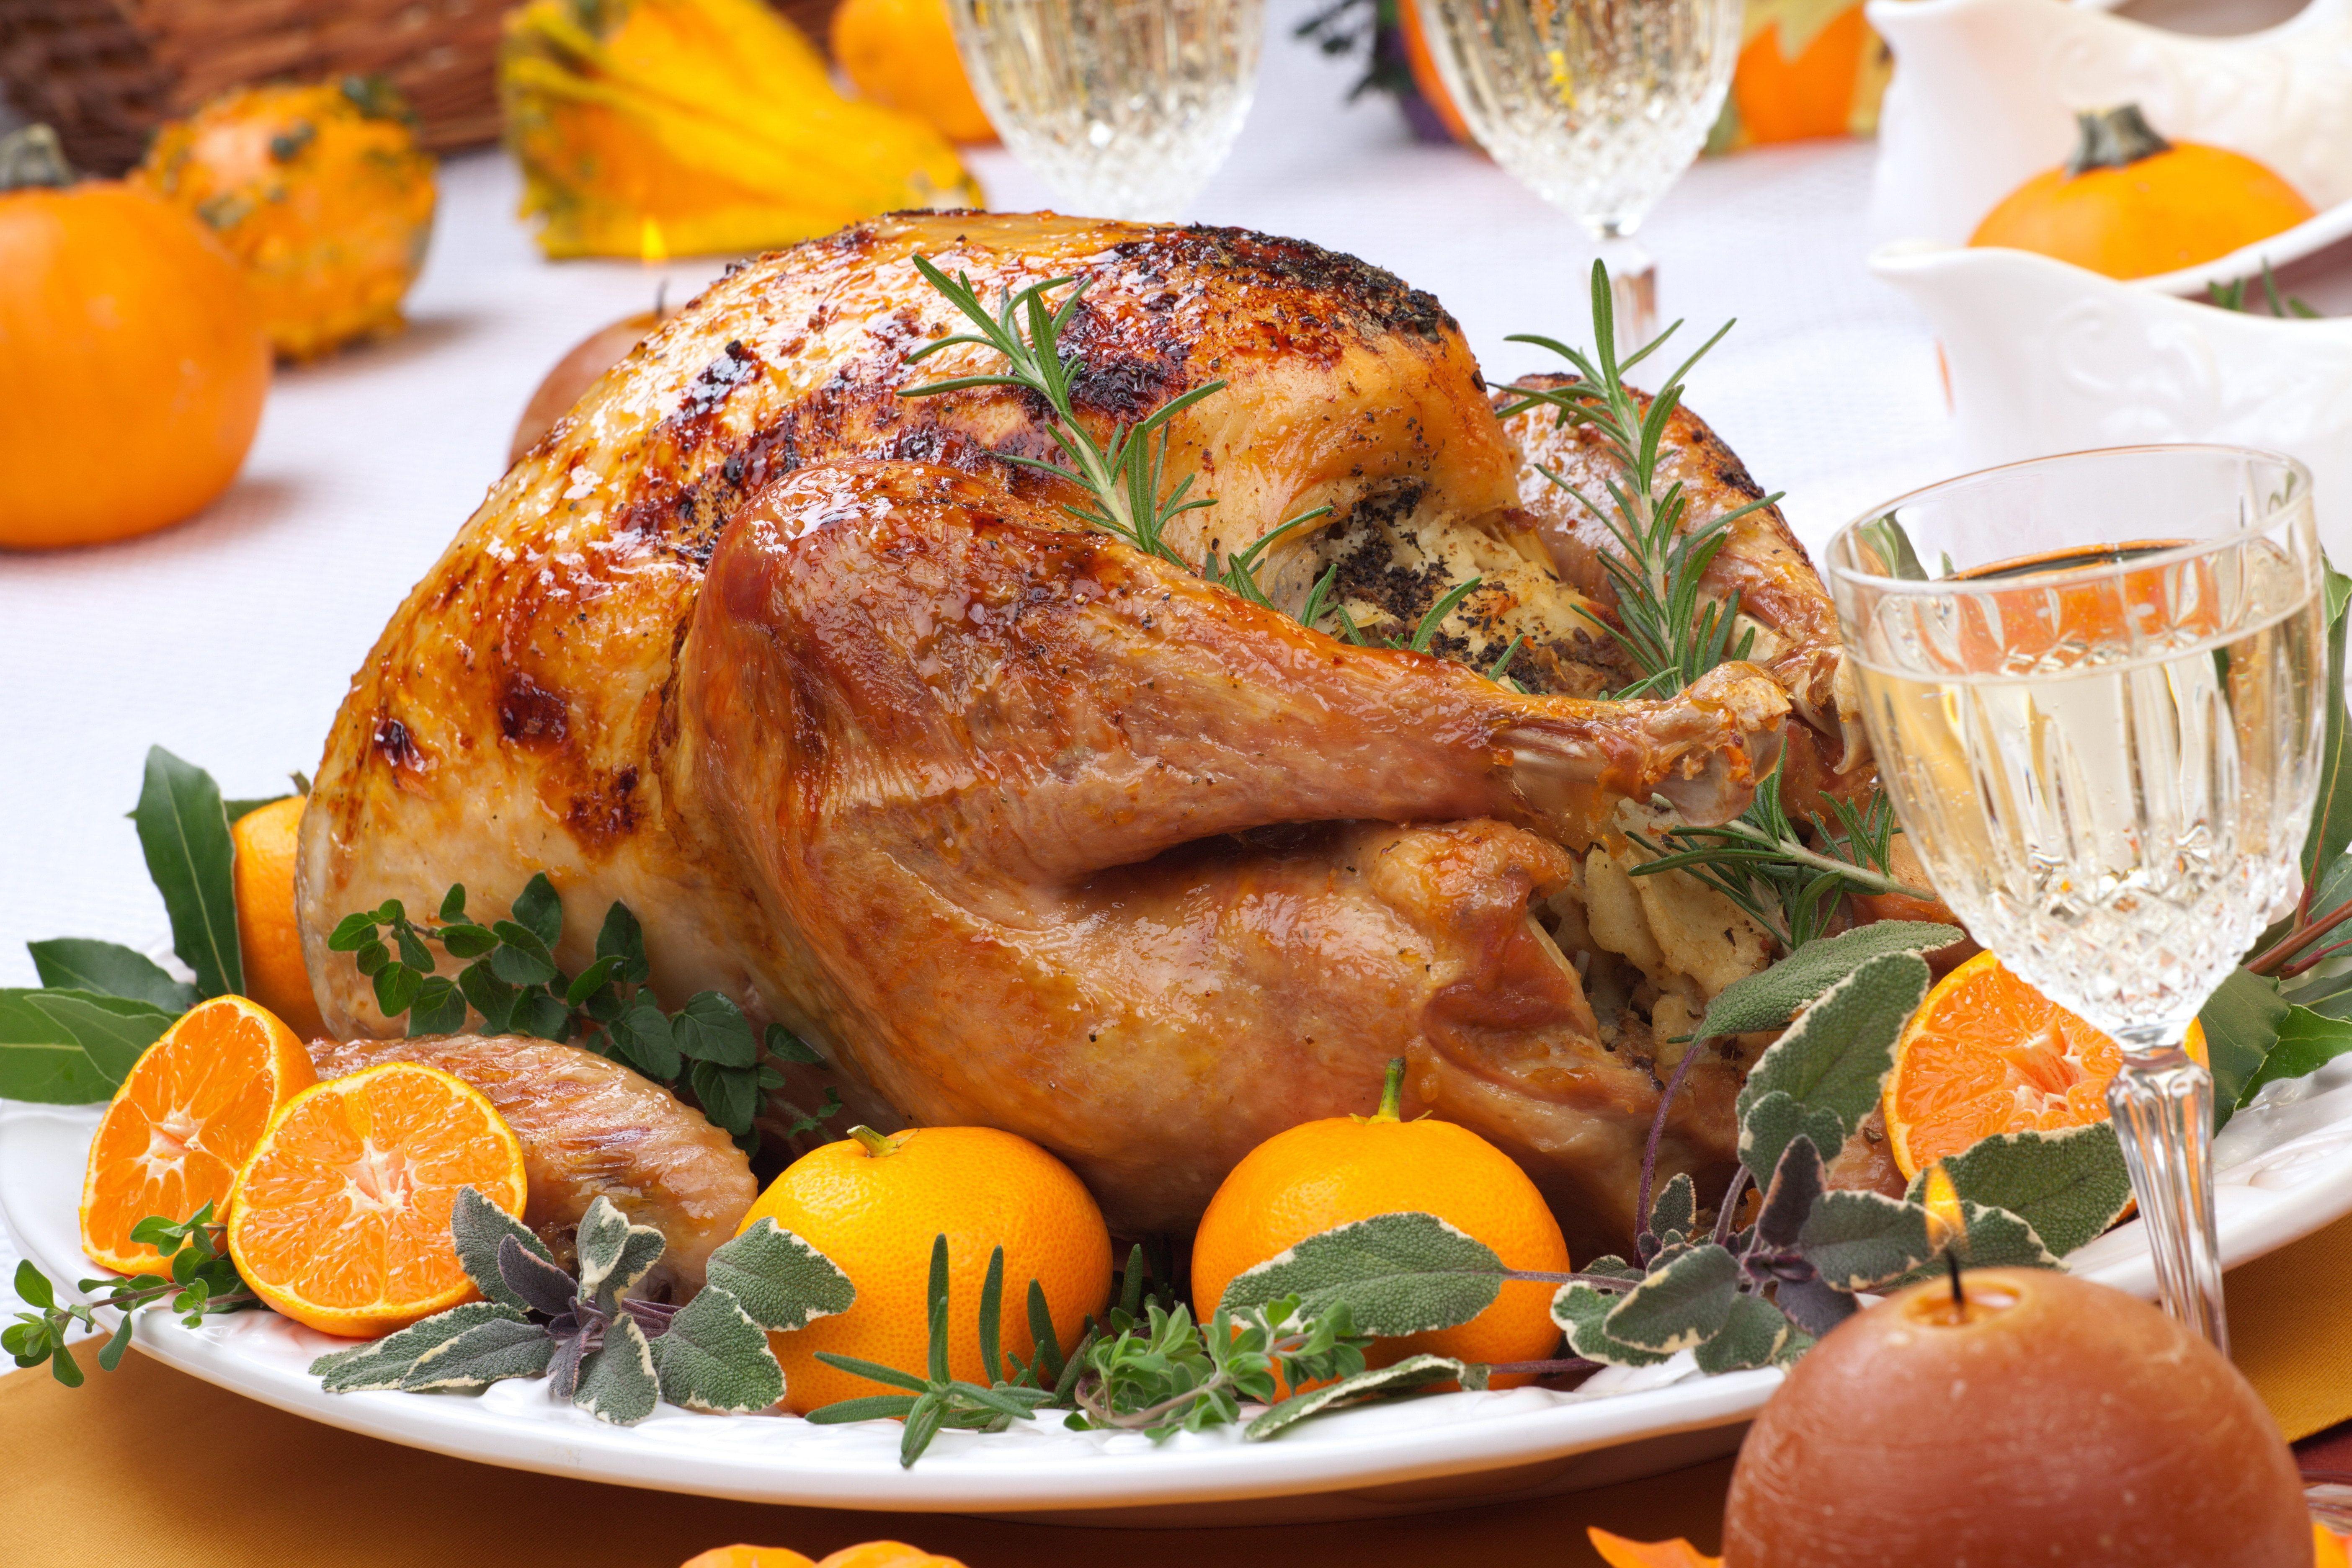 Étkezési 1x1 az ünnepekre - Így karácsonykor sem szaladnak fel pluszkilók